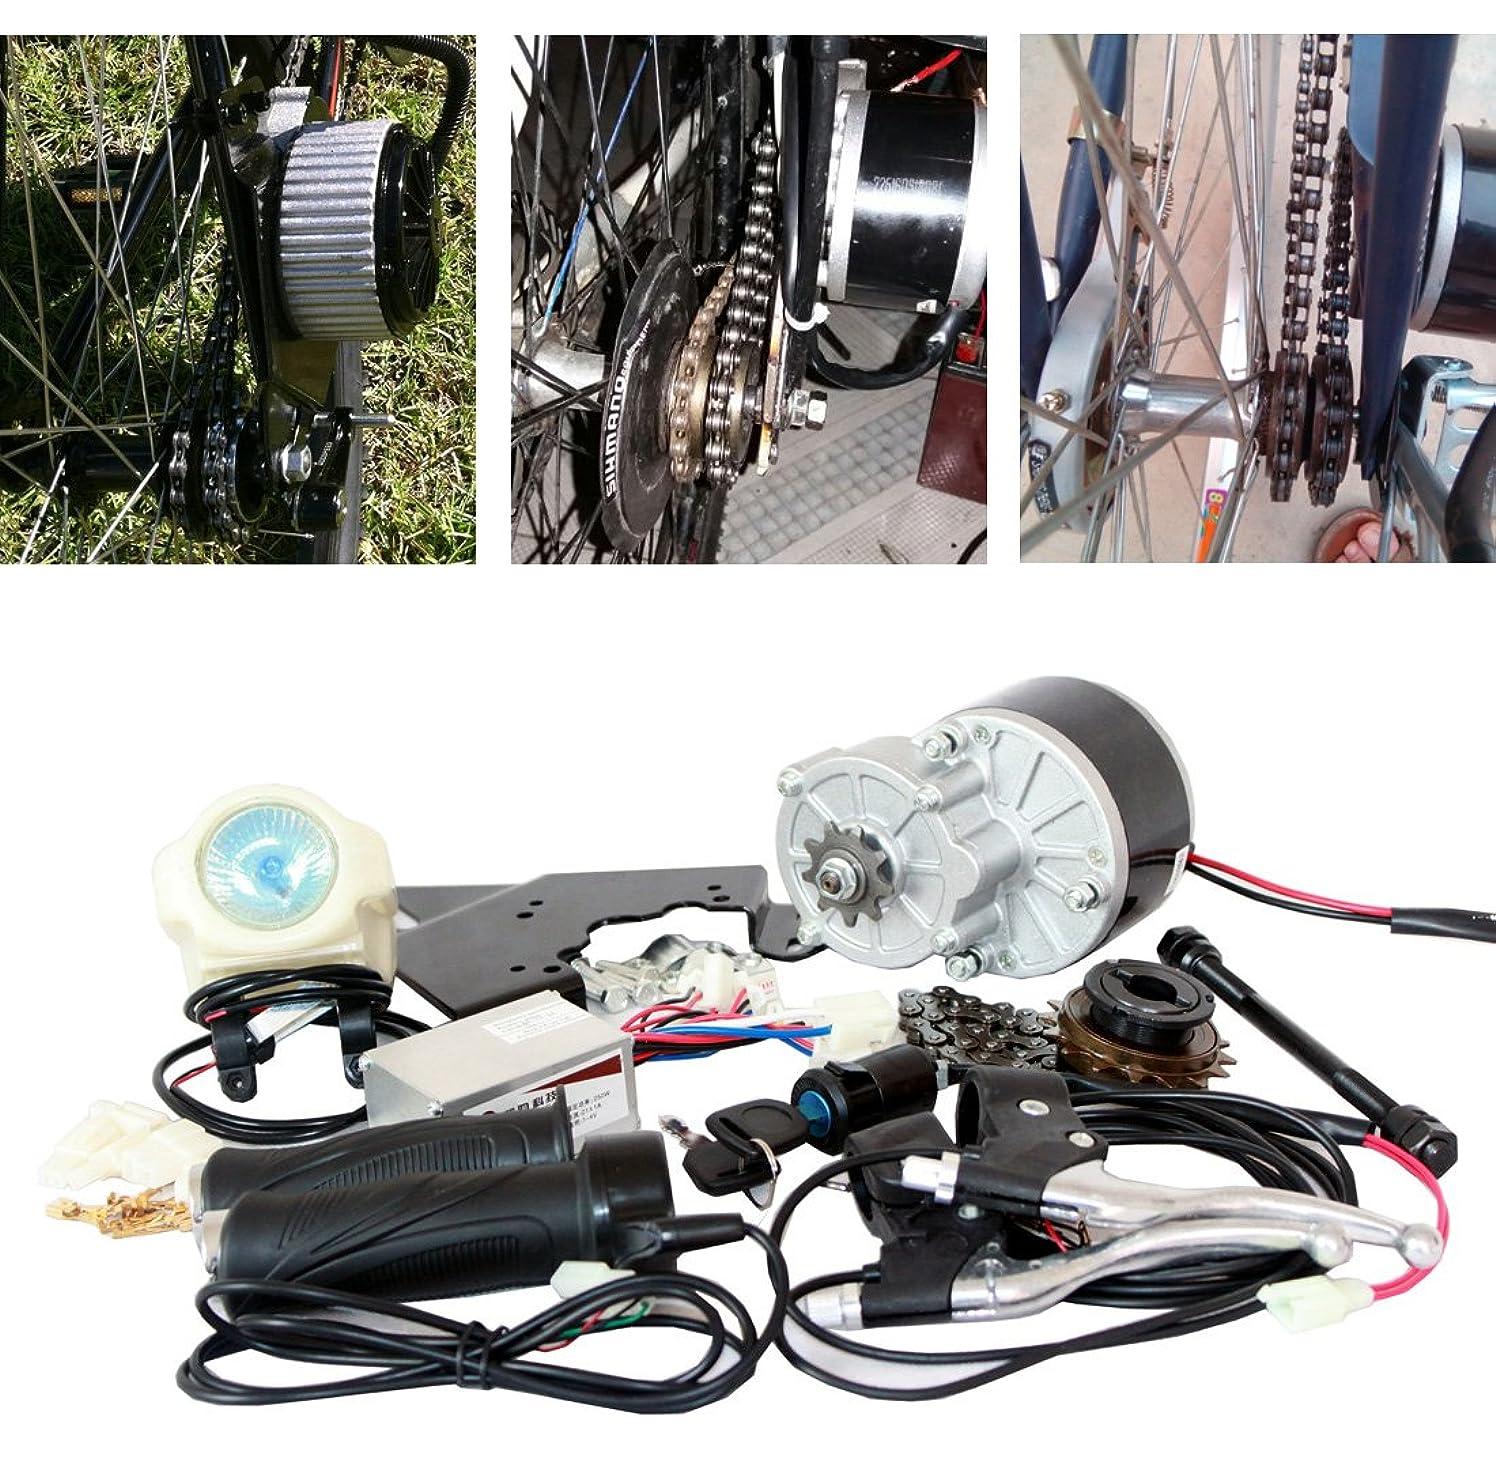 エンディング非アクティブぺディカブ24/36ボルト250ワット電気motorized e-bike自転車変換キット(サイドマウント) 電動自転車モーターキット最安値e-bikeモーターセット